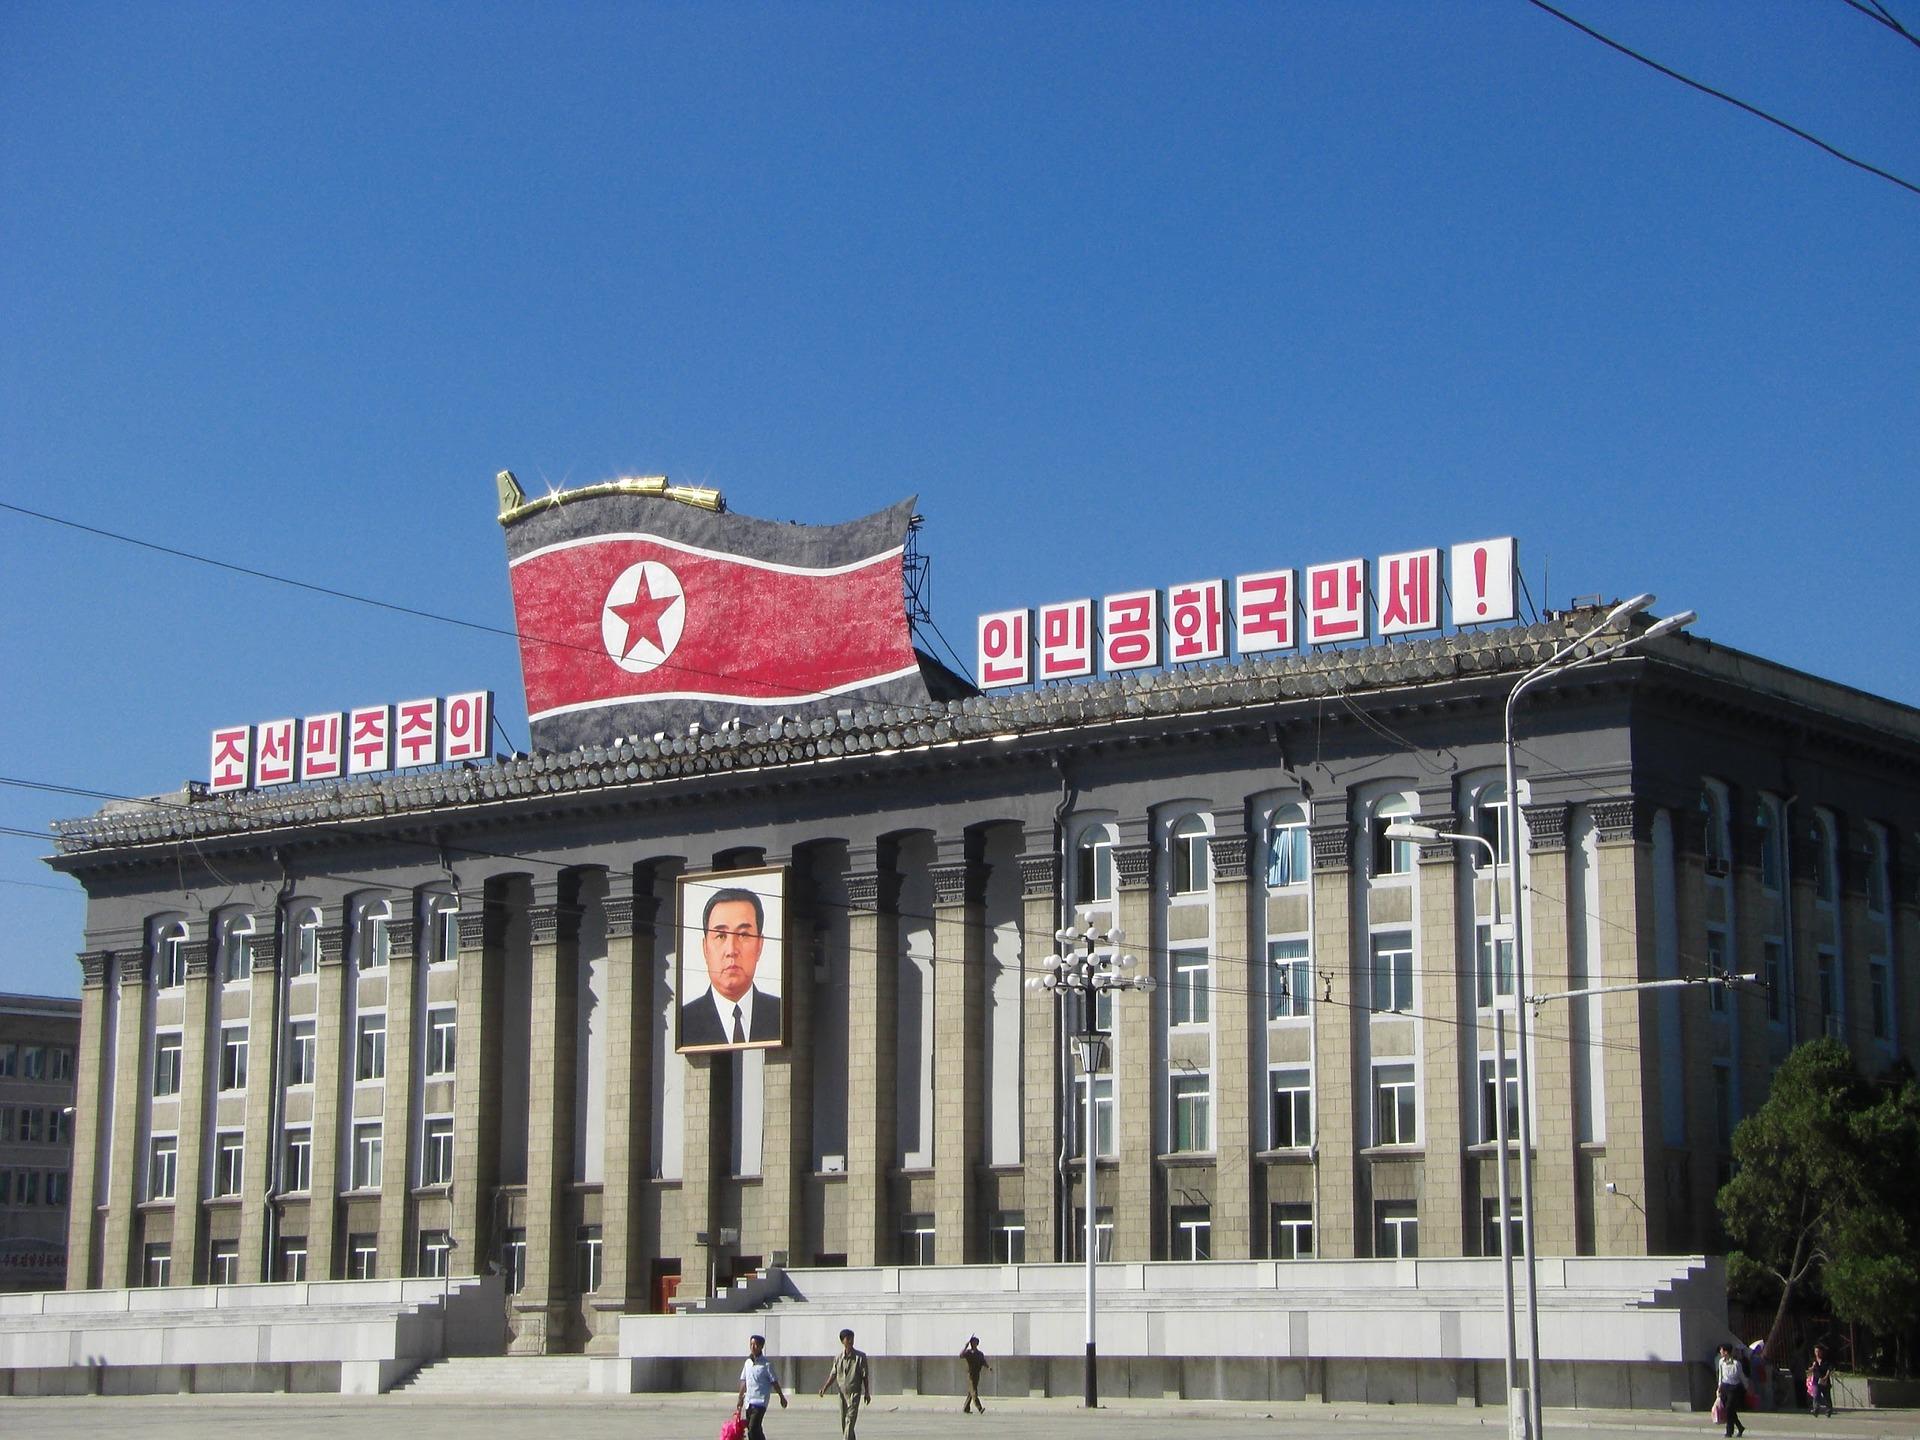 SAD sankcionirao trojicu sjevernokorejskih dužnosnika zbog kršenja ljudskih prava